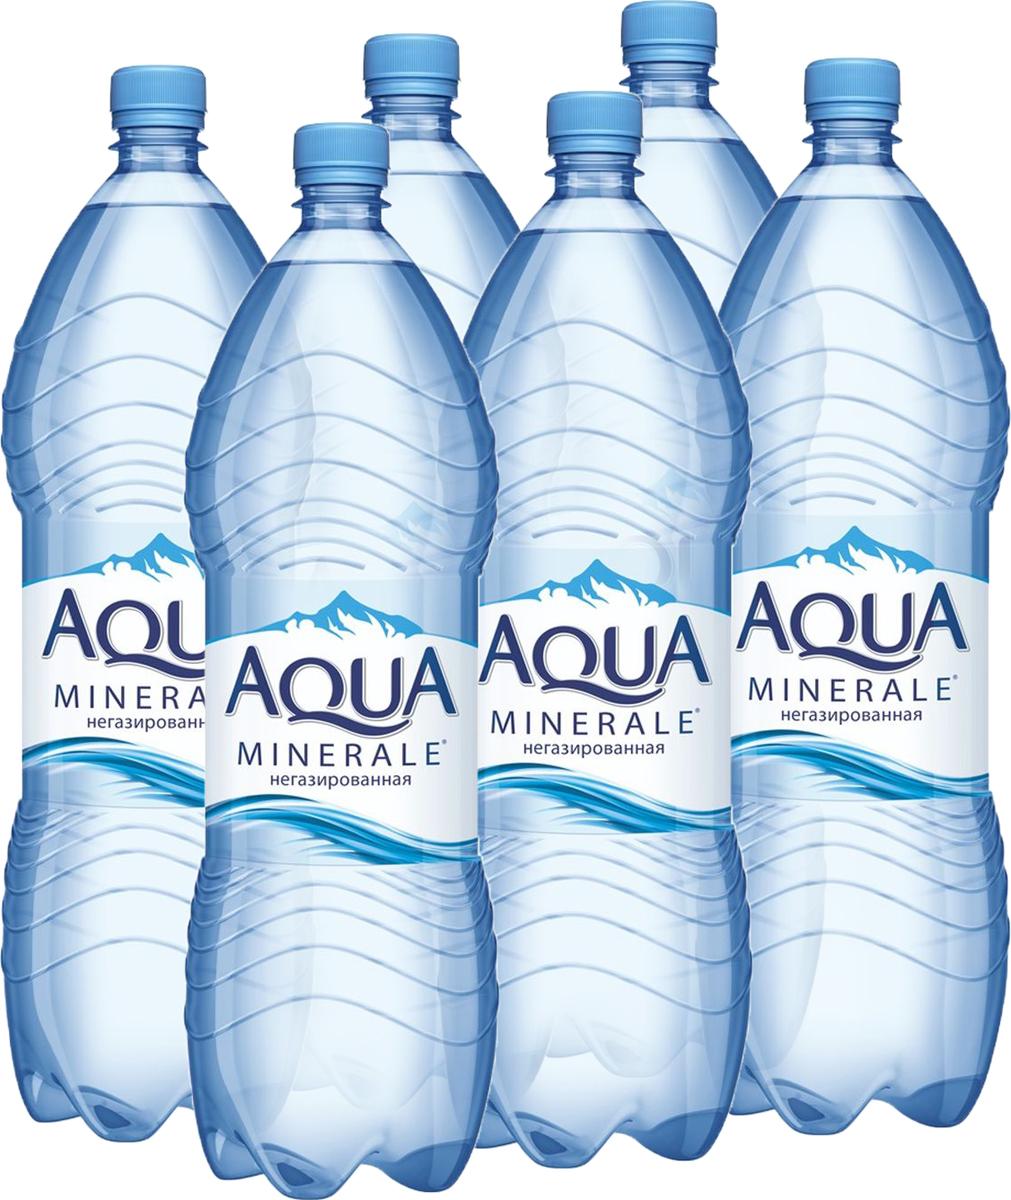 Aqua Minerale вода питьевая негазированная, 6 штук по 2 л340006686_блокиAqua Minerale – негазированная вода с удивительно мягким вкусом.О бренде:Aqua Minerale — питьевая вода с удивительно мягким вкусом.Появившись в России в 1995 году, бренд стал одним из первых в сегменте питьевой бутилированной воды. С тех пор марка полюбилась потребителям и остается одной из самых популярных на рынке — ежедневно в России продается более 700 тысяч бутылок Aqua Minerale. Сейчас в портфеле бренда негазированная и газированная вода, линейка Aqua Minerale Active, обогащенная витаминами и минералами, а также линейка Aqua Minerale с соком, представленная в 4-х вкусах: лимон, черешня, мята-лайм, яблоко.Сколько нужно пить воды: мнение диетолога. Статья OZON Гид